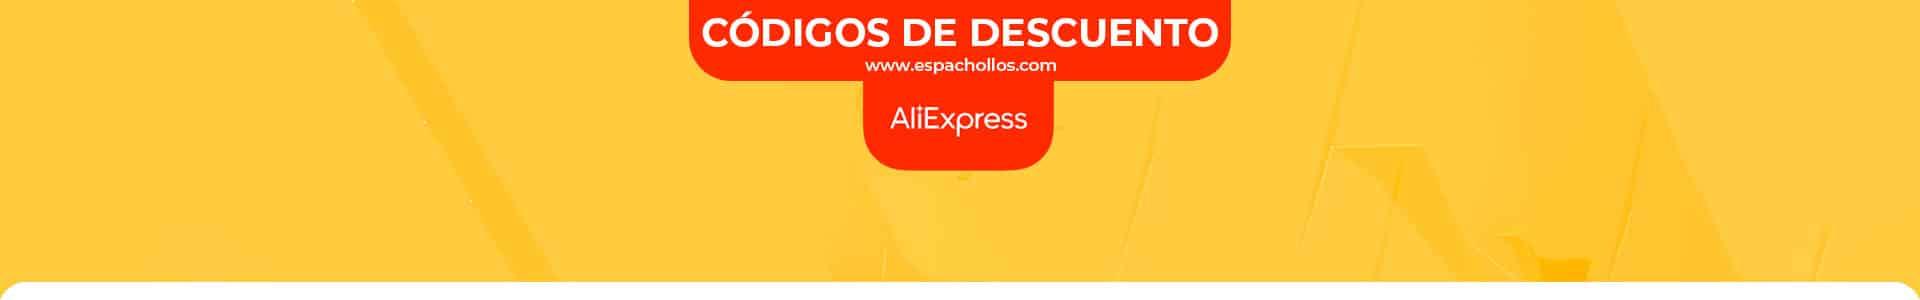 Cupones de descuento Aliexpress actualizados